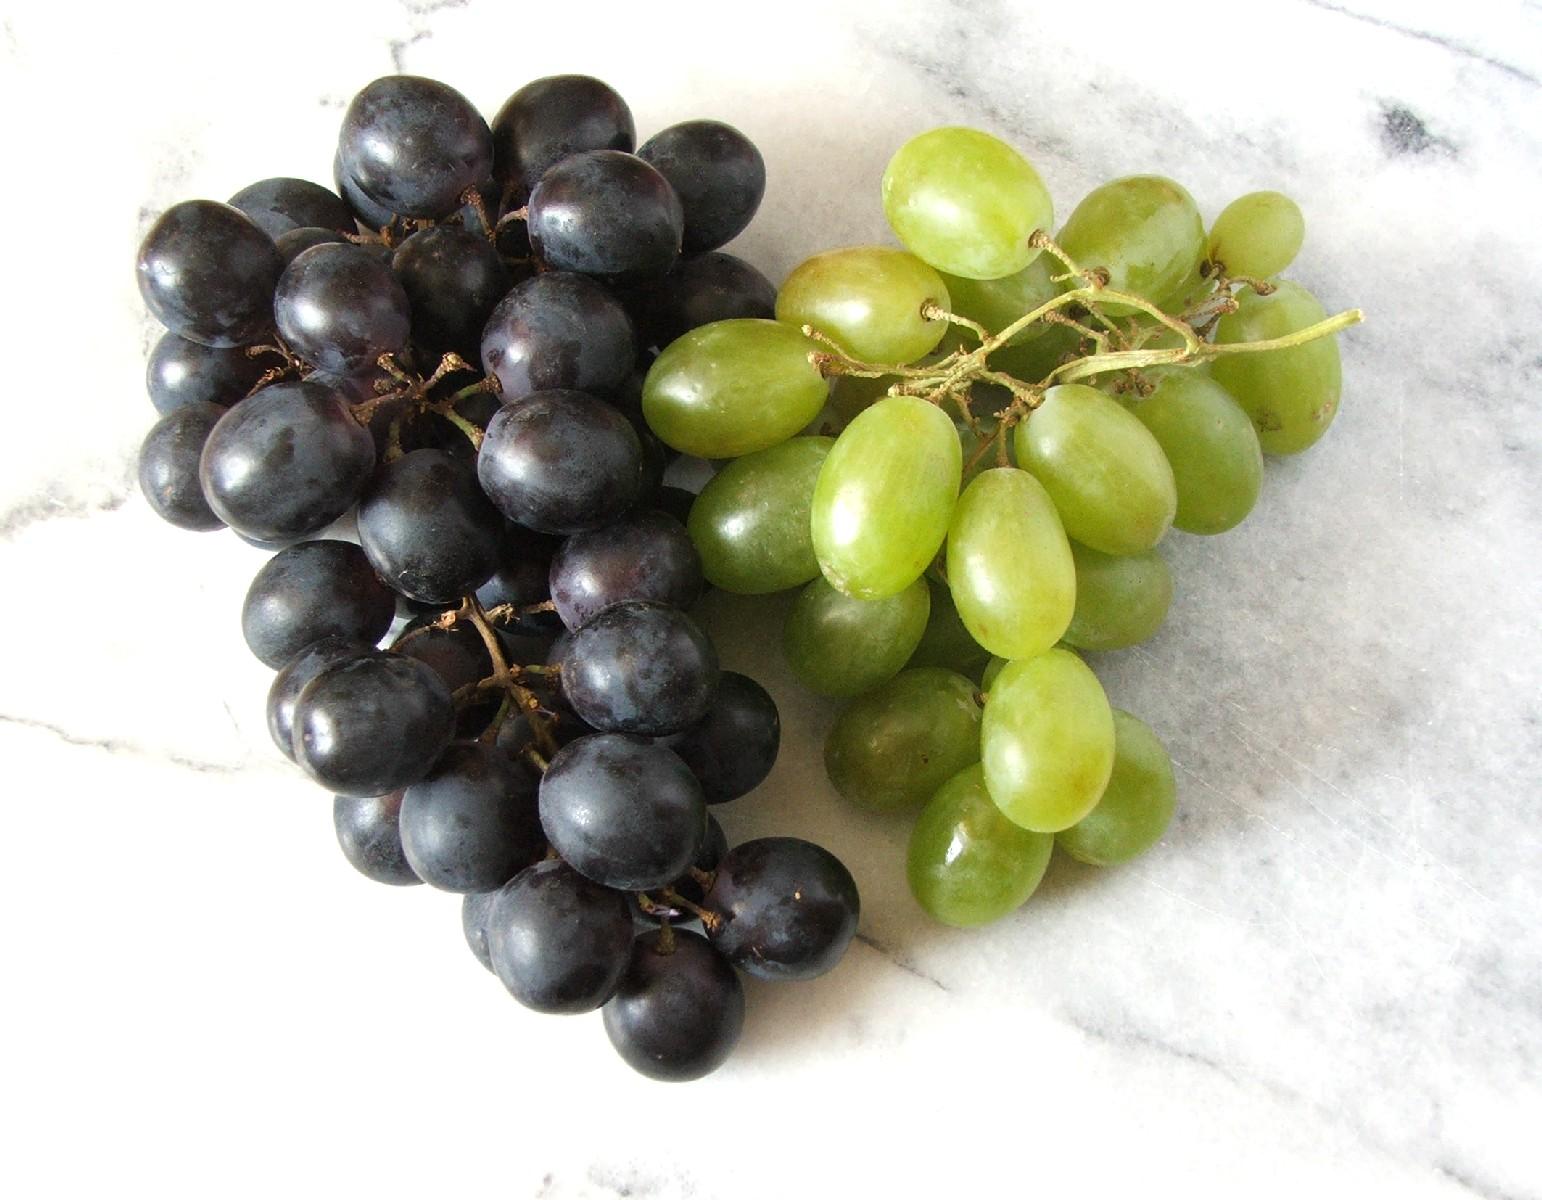 Szőlő Gyümölcsök: Nyersanyagok Feldolgozása Az élelmiszeriparban